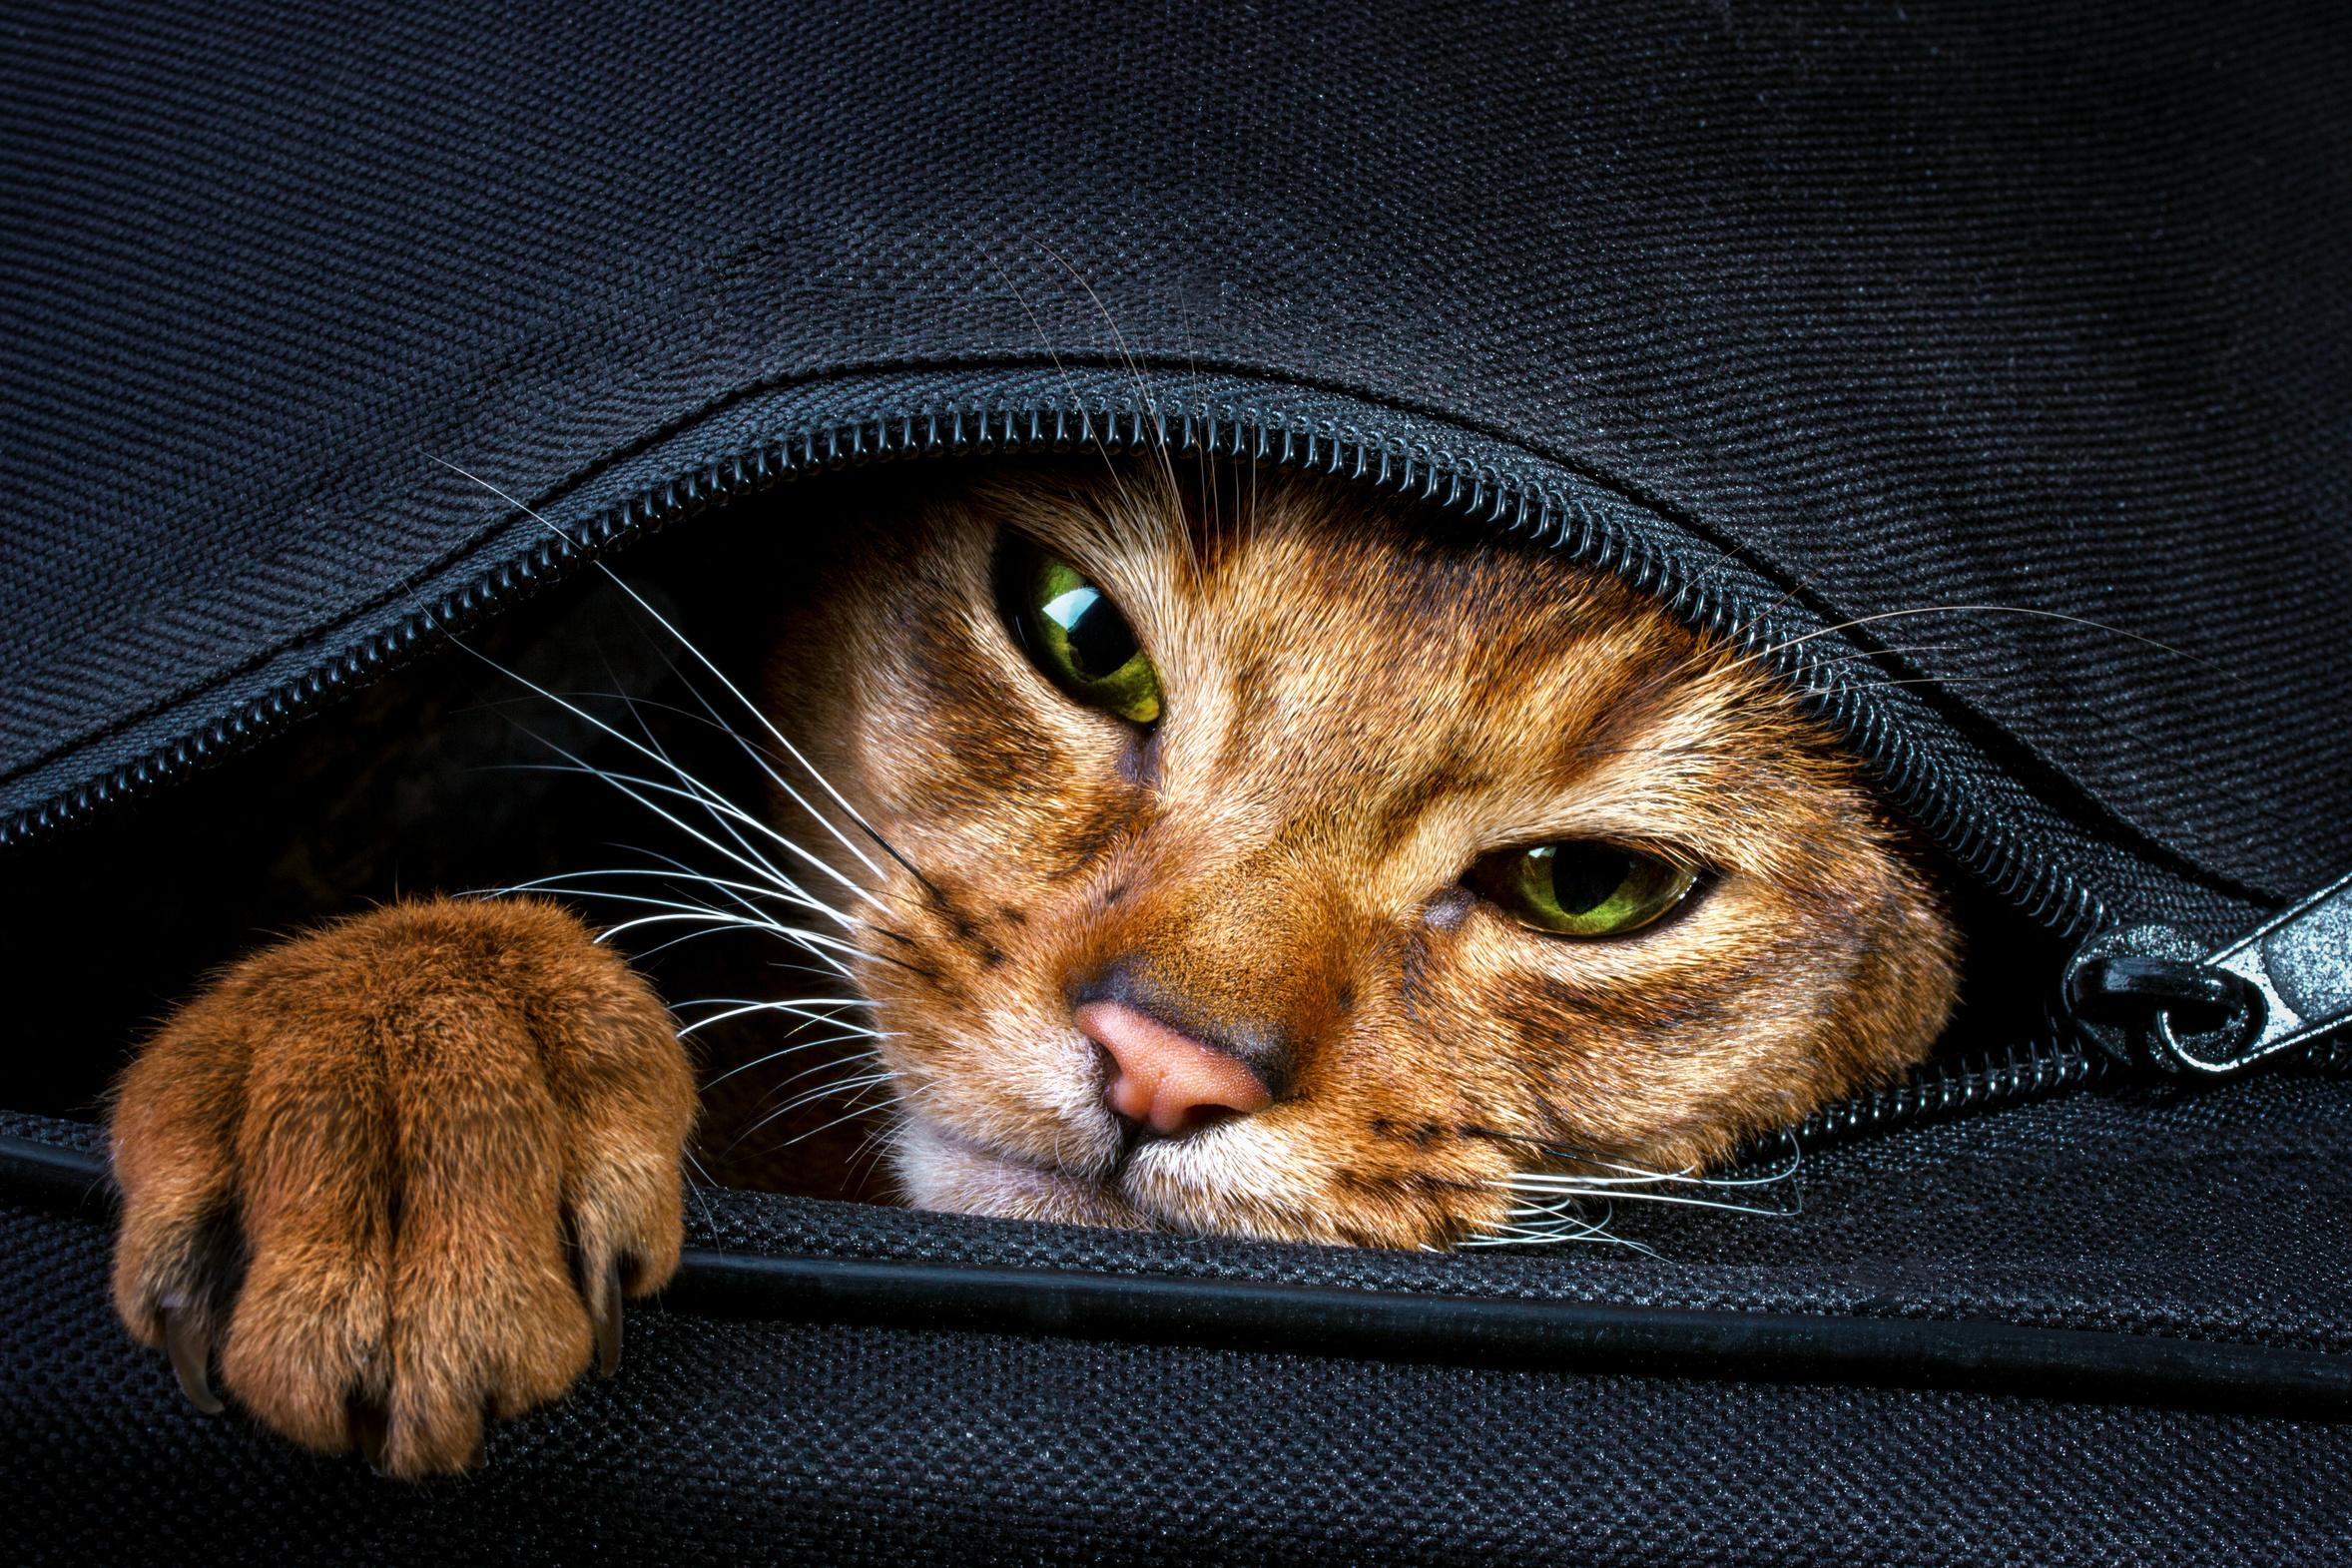 dc53c1b7323 Nemoci koček přenosné na člověka – prevence a léčba